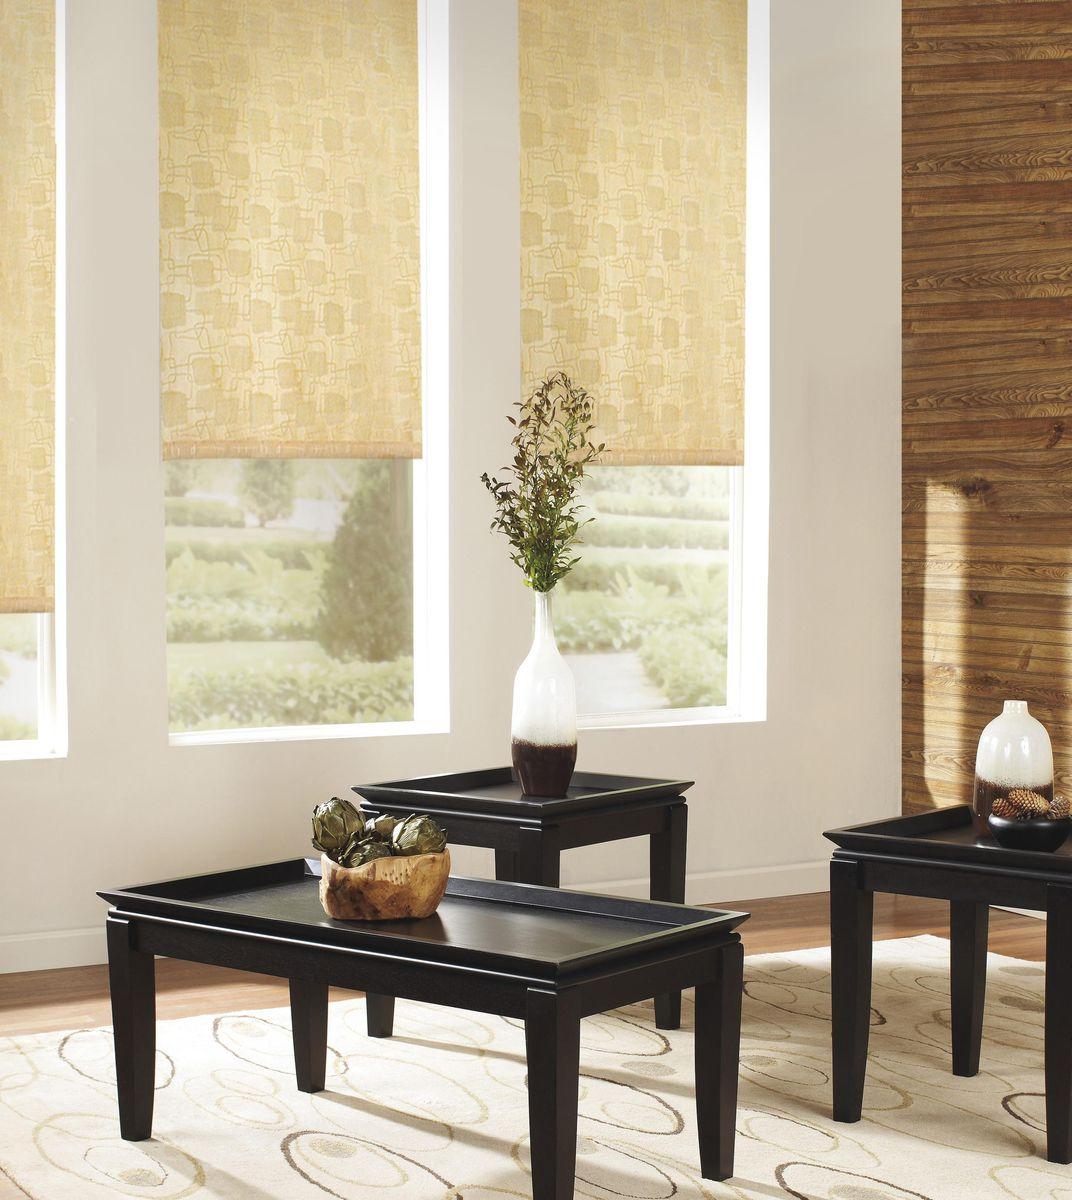 Штора рулонная Эскар Эдем, цвет: золотистый, ширина 180 см, высота 160 см87212180160Рулонными шторами можно оформлять окна как самостоятельно, так и использовать в комбинации с портьерами. Это поможет предотвратить выгорание дорогой ткани на солнце и соединит функционал рулонных с красотой навесных. Преимущества применения рулонных штор для пластиковых окон: - имеют прекрасный внешний вид: многообразие и фактурность материала изделия отлично смотрятся в любом интерьере; - многофункциональны: есть возможность подобрать шторы способные эффективно защитить комнату от солнца, при этом она не будет слишком темной. - Есть возможность осуществить быстрый монтаж. ВНИМАНИЕ! Размеры ширины изделия указаны по ширине ткани! Во время эксплуатации не рекомендуется полностью разматывать рулон, чтобы не оторвать ткань от намоточного вала. В случае загрязнения поверхности ткани, чистку шторы проводят одним из способов, в зависимости от типа загрязнения: легкое поверхностное загрязнение можно удалить при помощи канцелярского ластика; чистка от пыли производится сухим методом при...